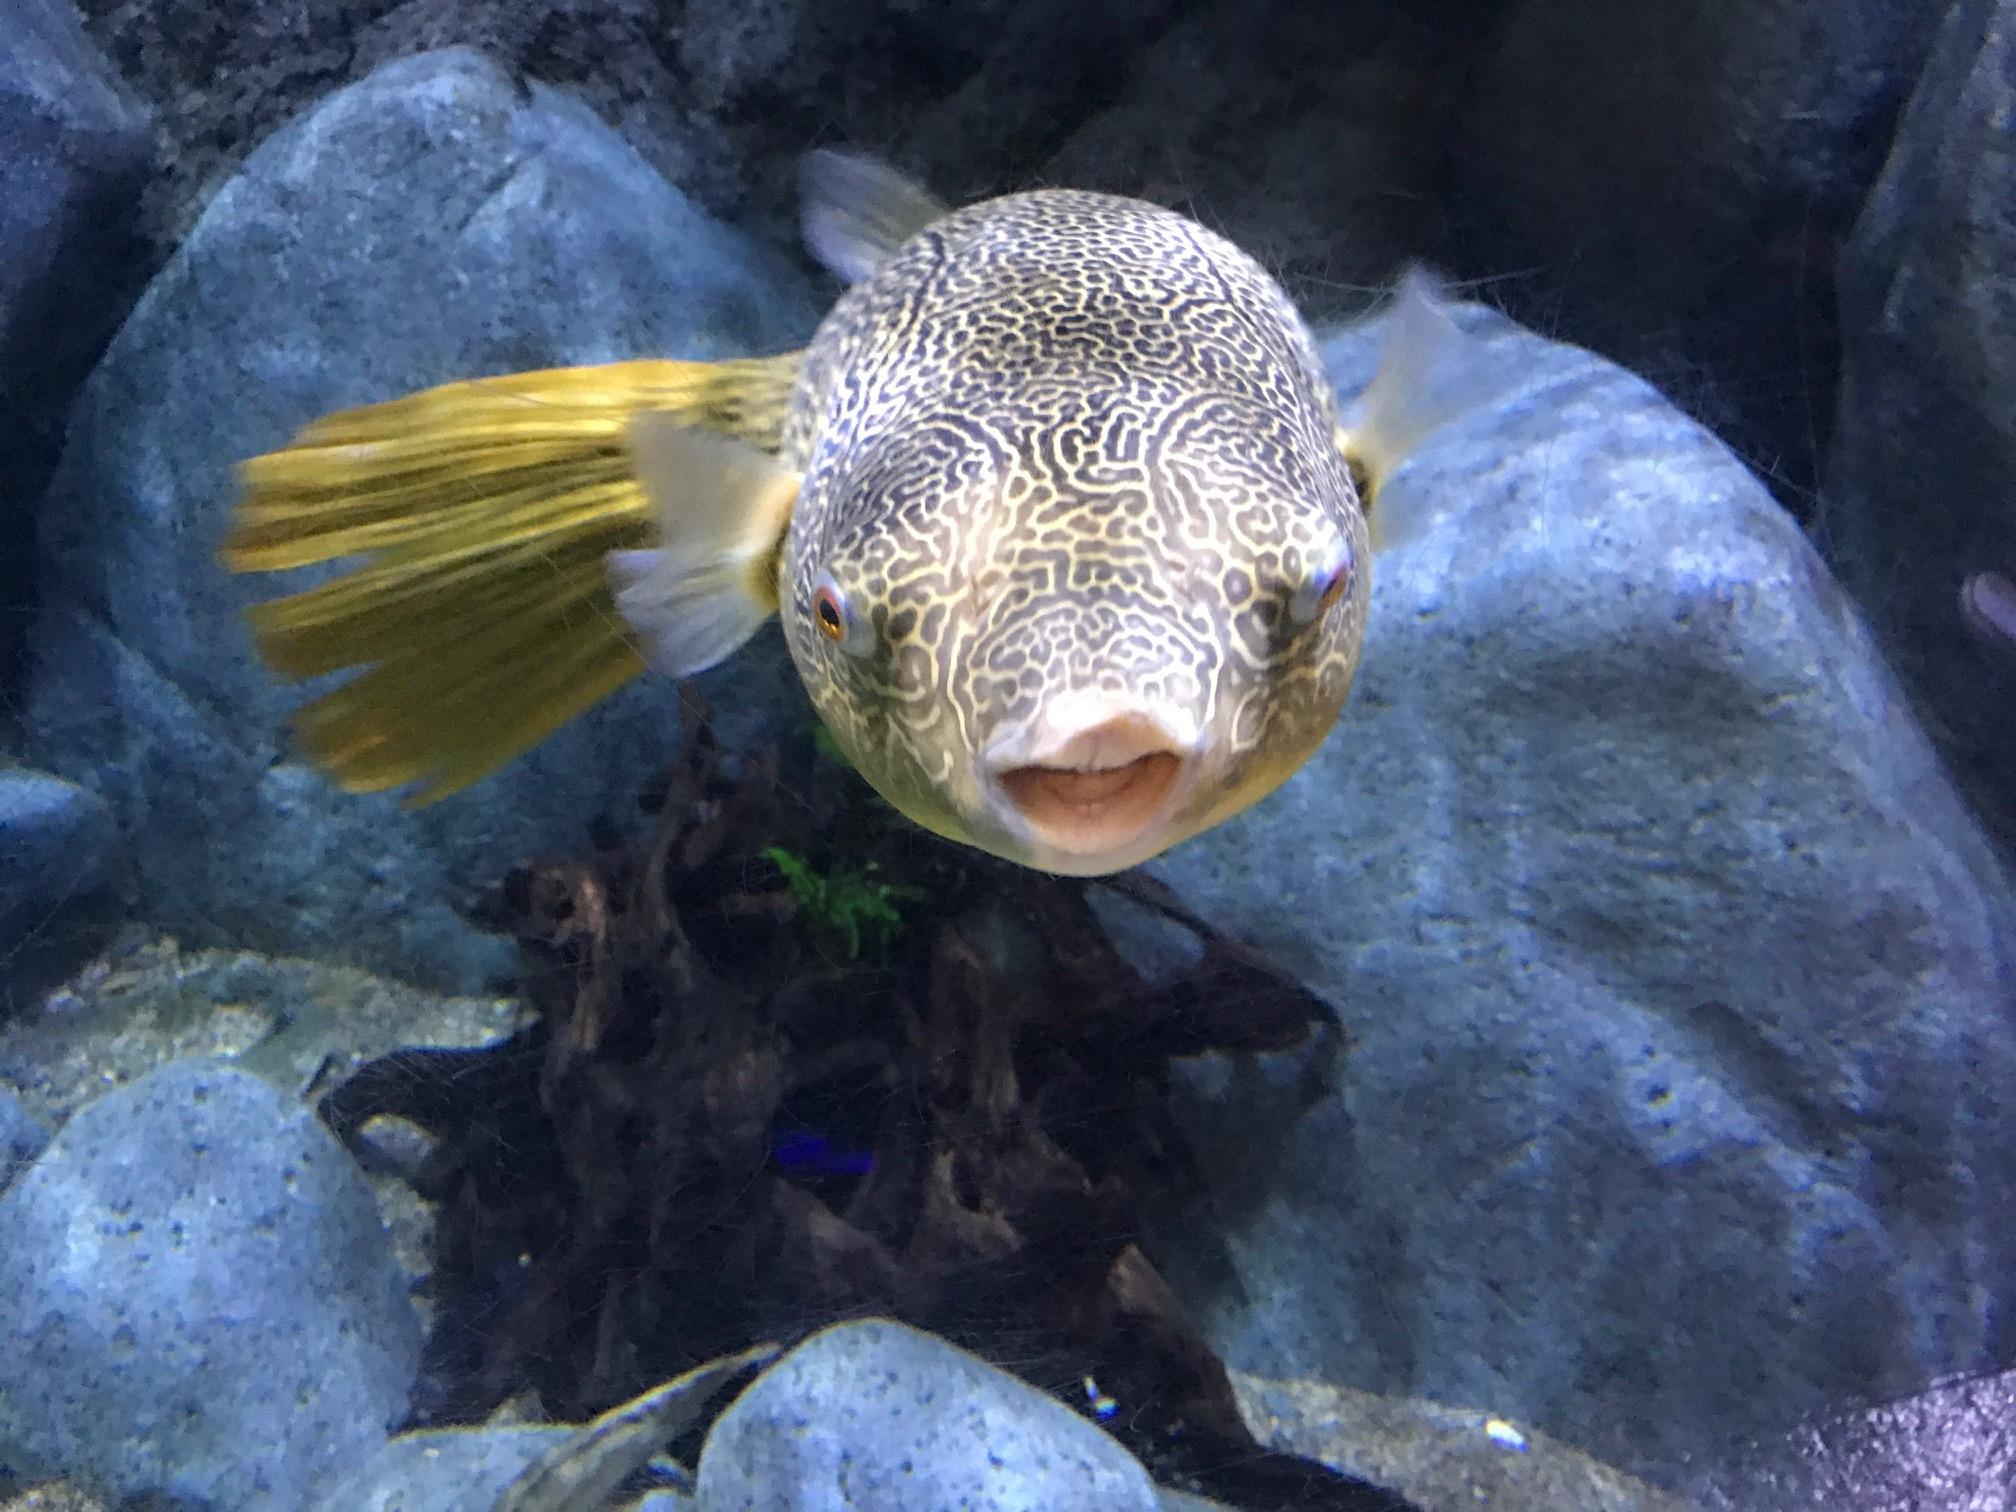 Fish looking at us